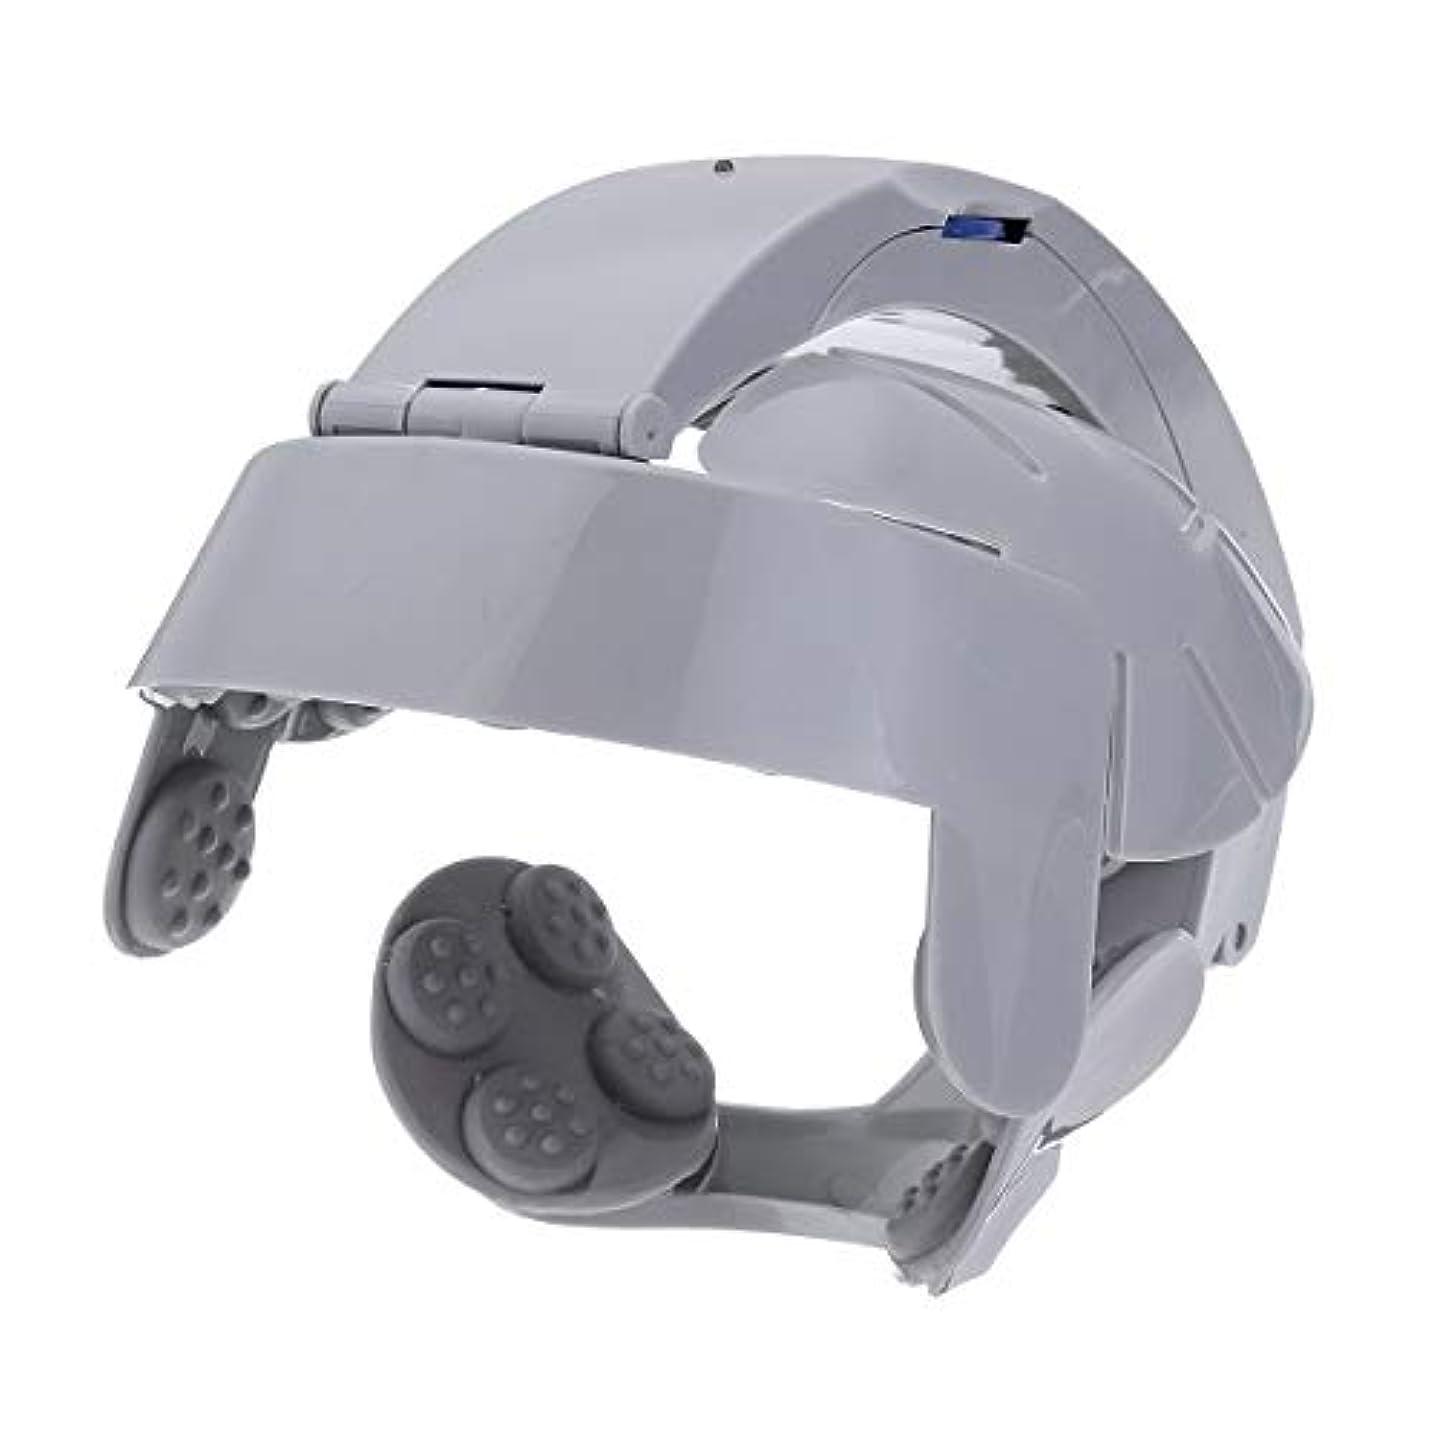 ただやる兵隊一時停止ヘッド振動マッサージ電動ヘッドマッサージリラックス脳経穴ストレス解放マシンポータブルのためのホーム使用